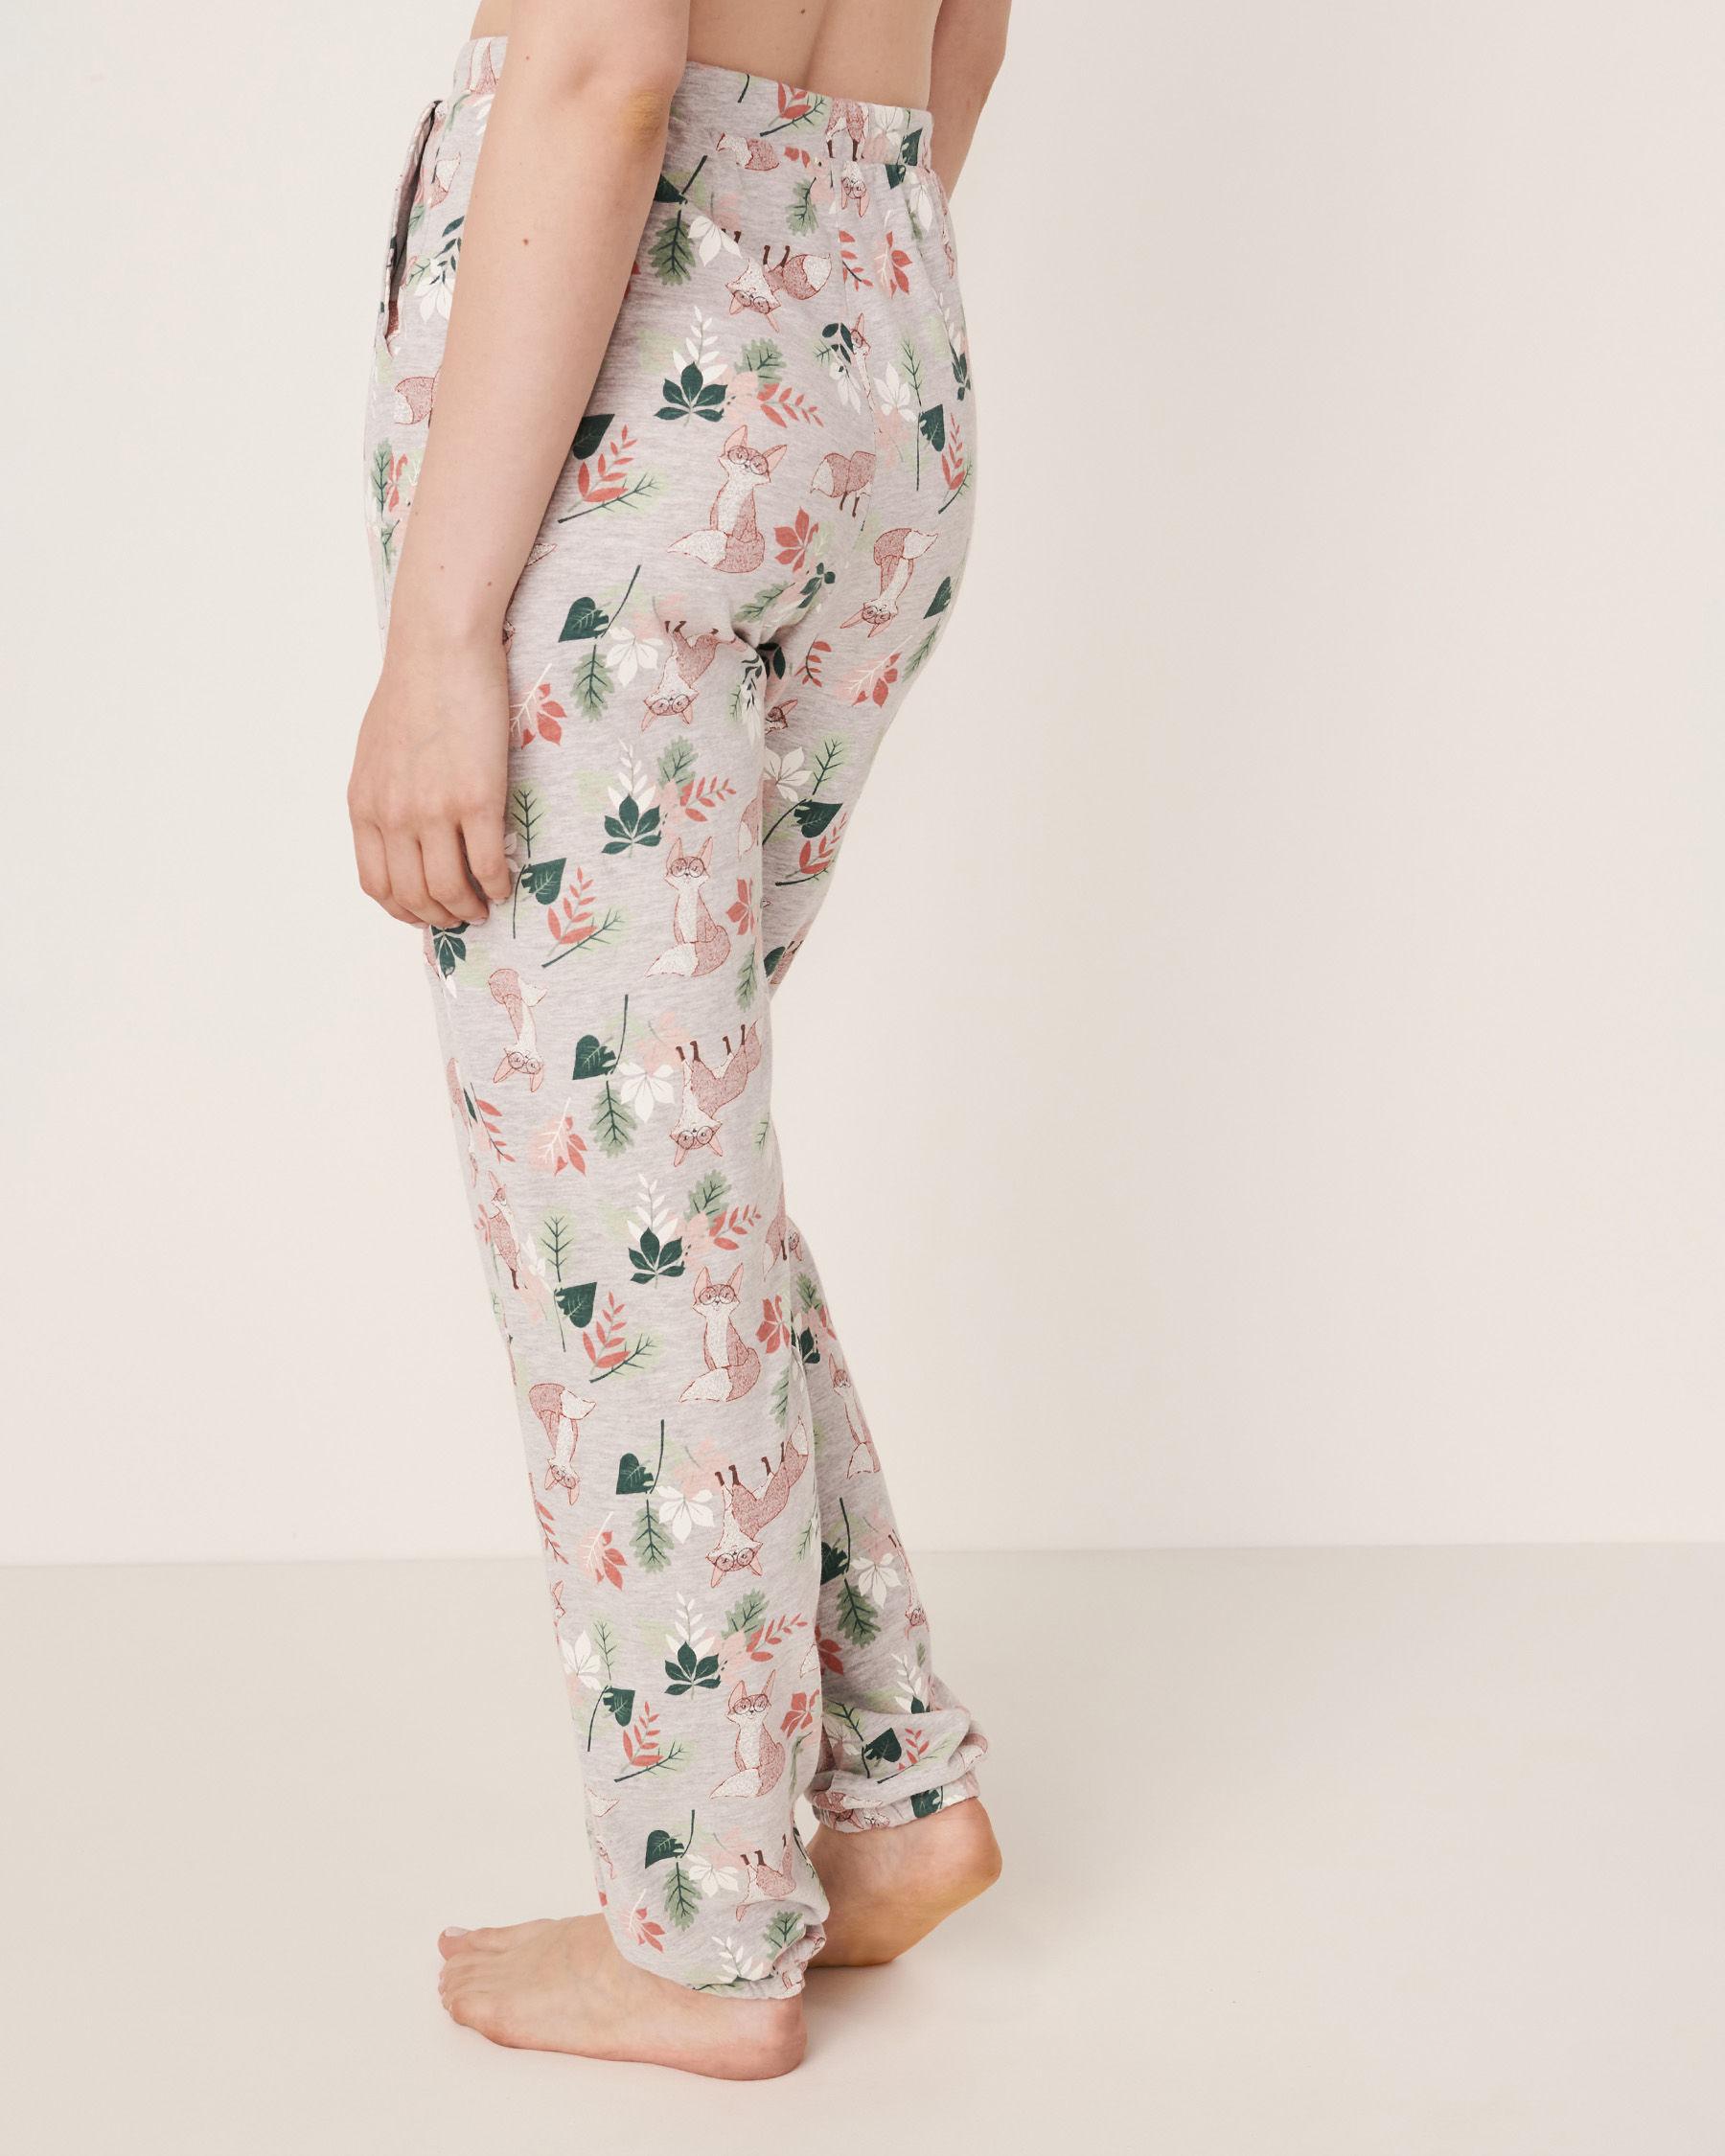 LA VIE EN ROSE Fitted Pyjama Pant Fox print 40200094 - View4